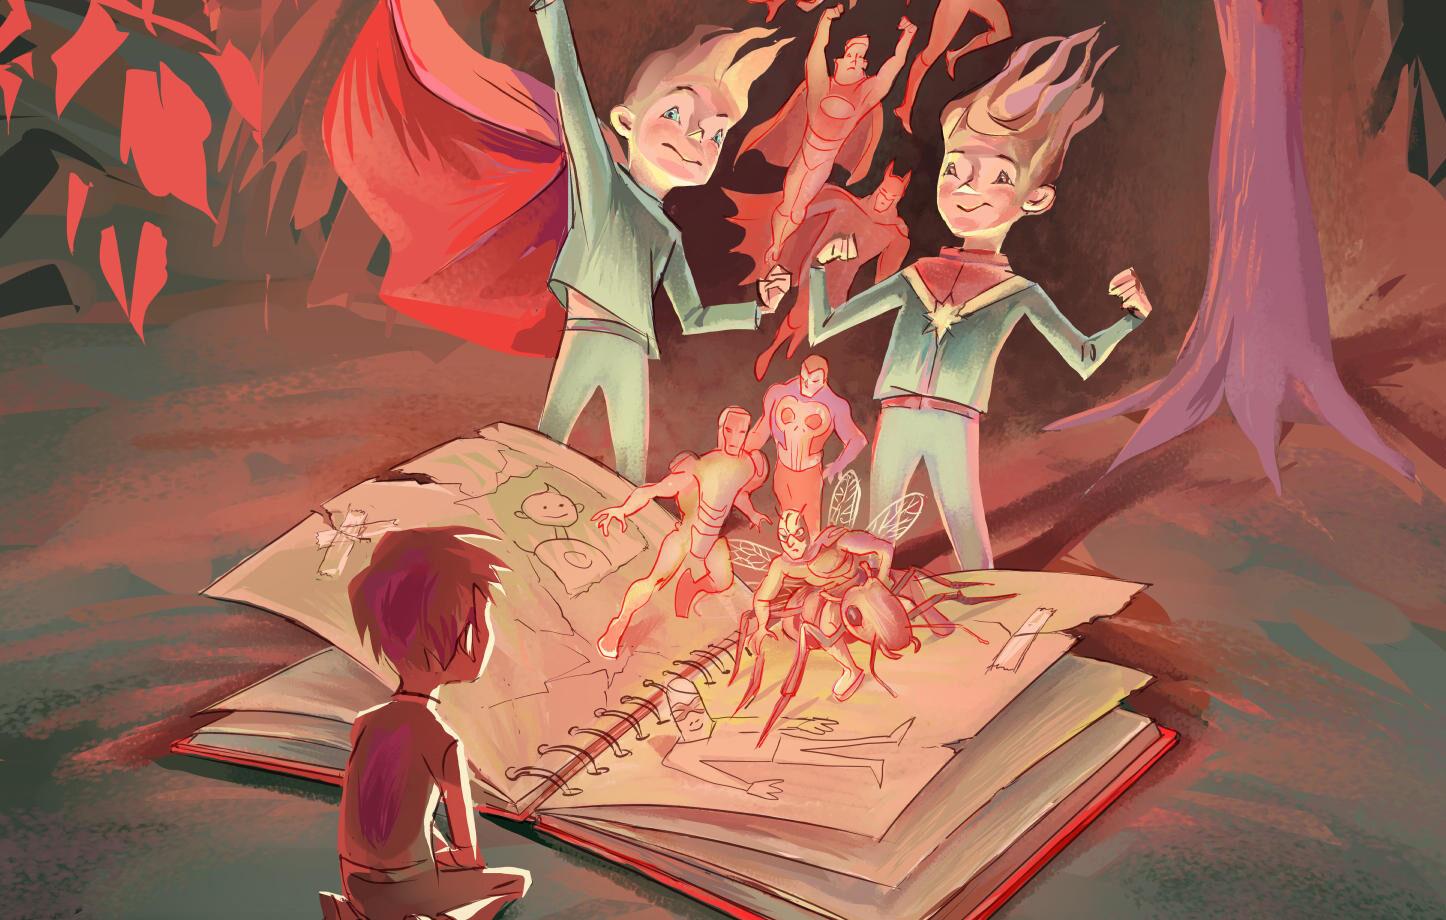 Dom trasiga superhjältarnas bok